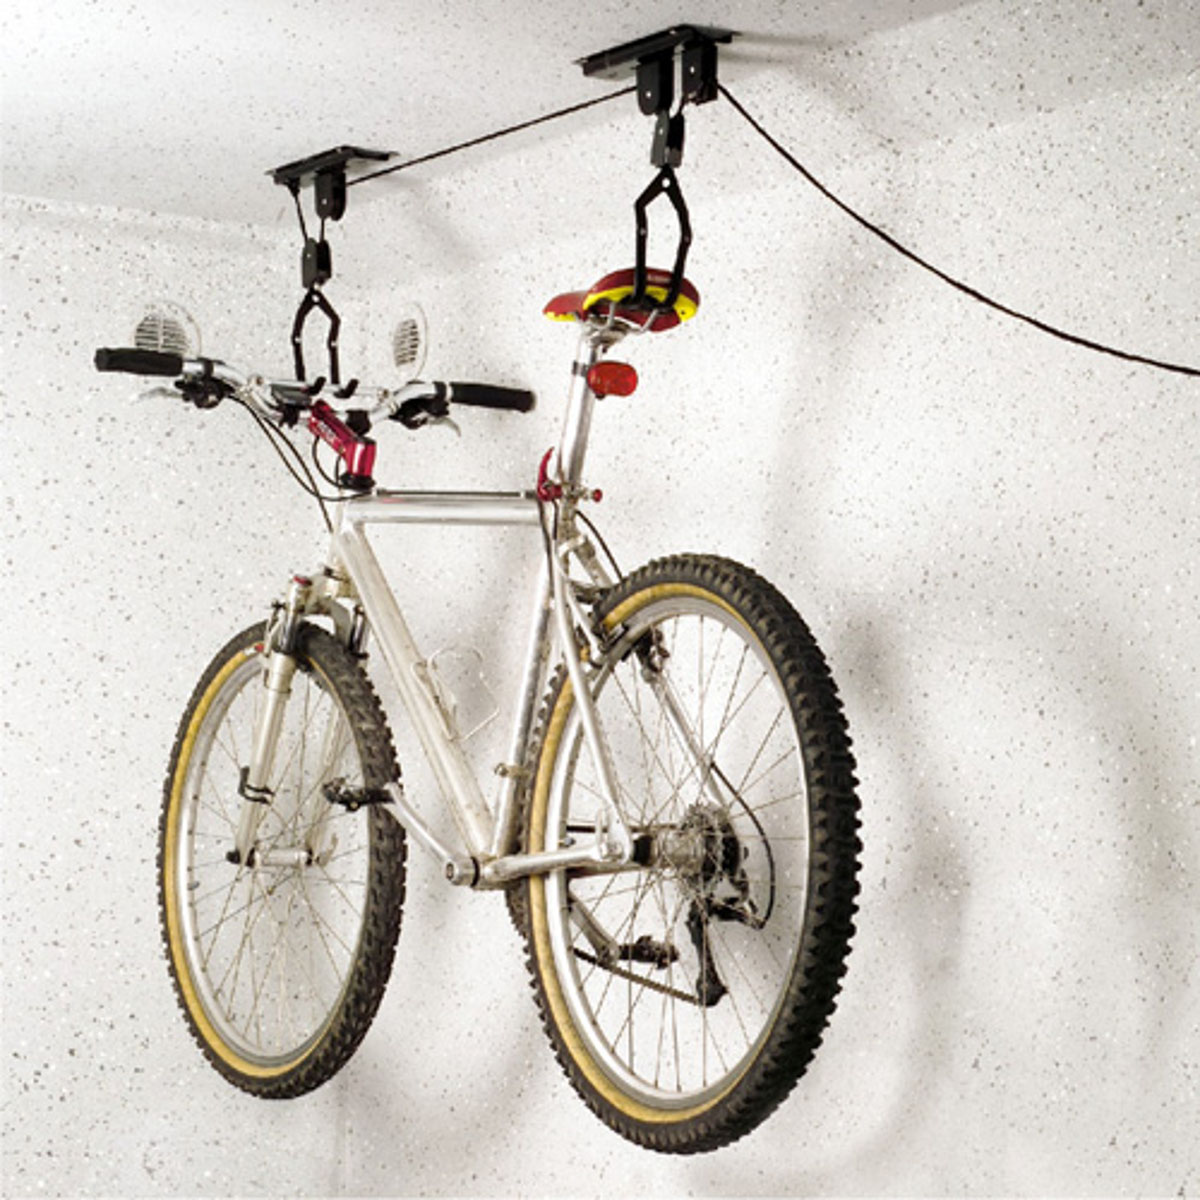 Подъемный механизм для велосипеда МастерПрофАС.050029Подъемный механизм (лифт) - идеальный способ для хранения велосипеда.Экономит пространство в помещении и защищает шины велосипеда.В Механизме используется система из верёвки и шкива, которая устанавливаетсяна потолке. Механизм позволяет поднимать и опускать велосипед на нужную высоту.Для потолков не более 4 метров. Максимальная нагрузка 20 кг.Кроме хранения велосипедов, подходит для хранения каяков, автомобильных багажников и прочих вещей, которые периодически востребованы и требуют быстрого доступа.